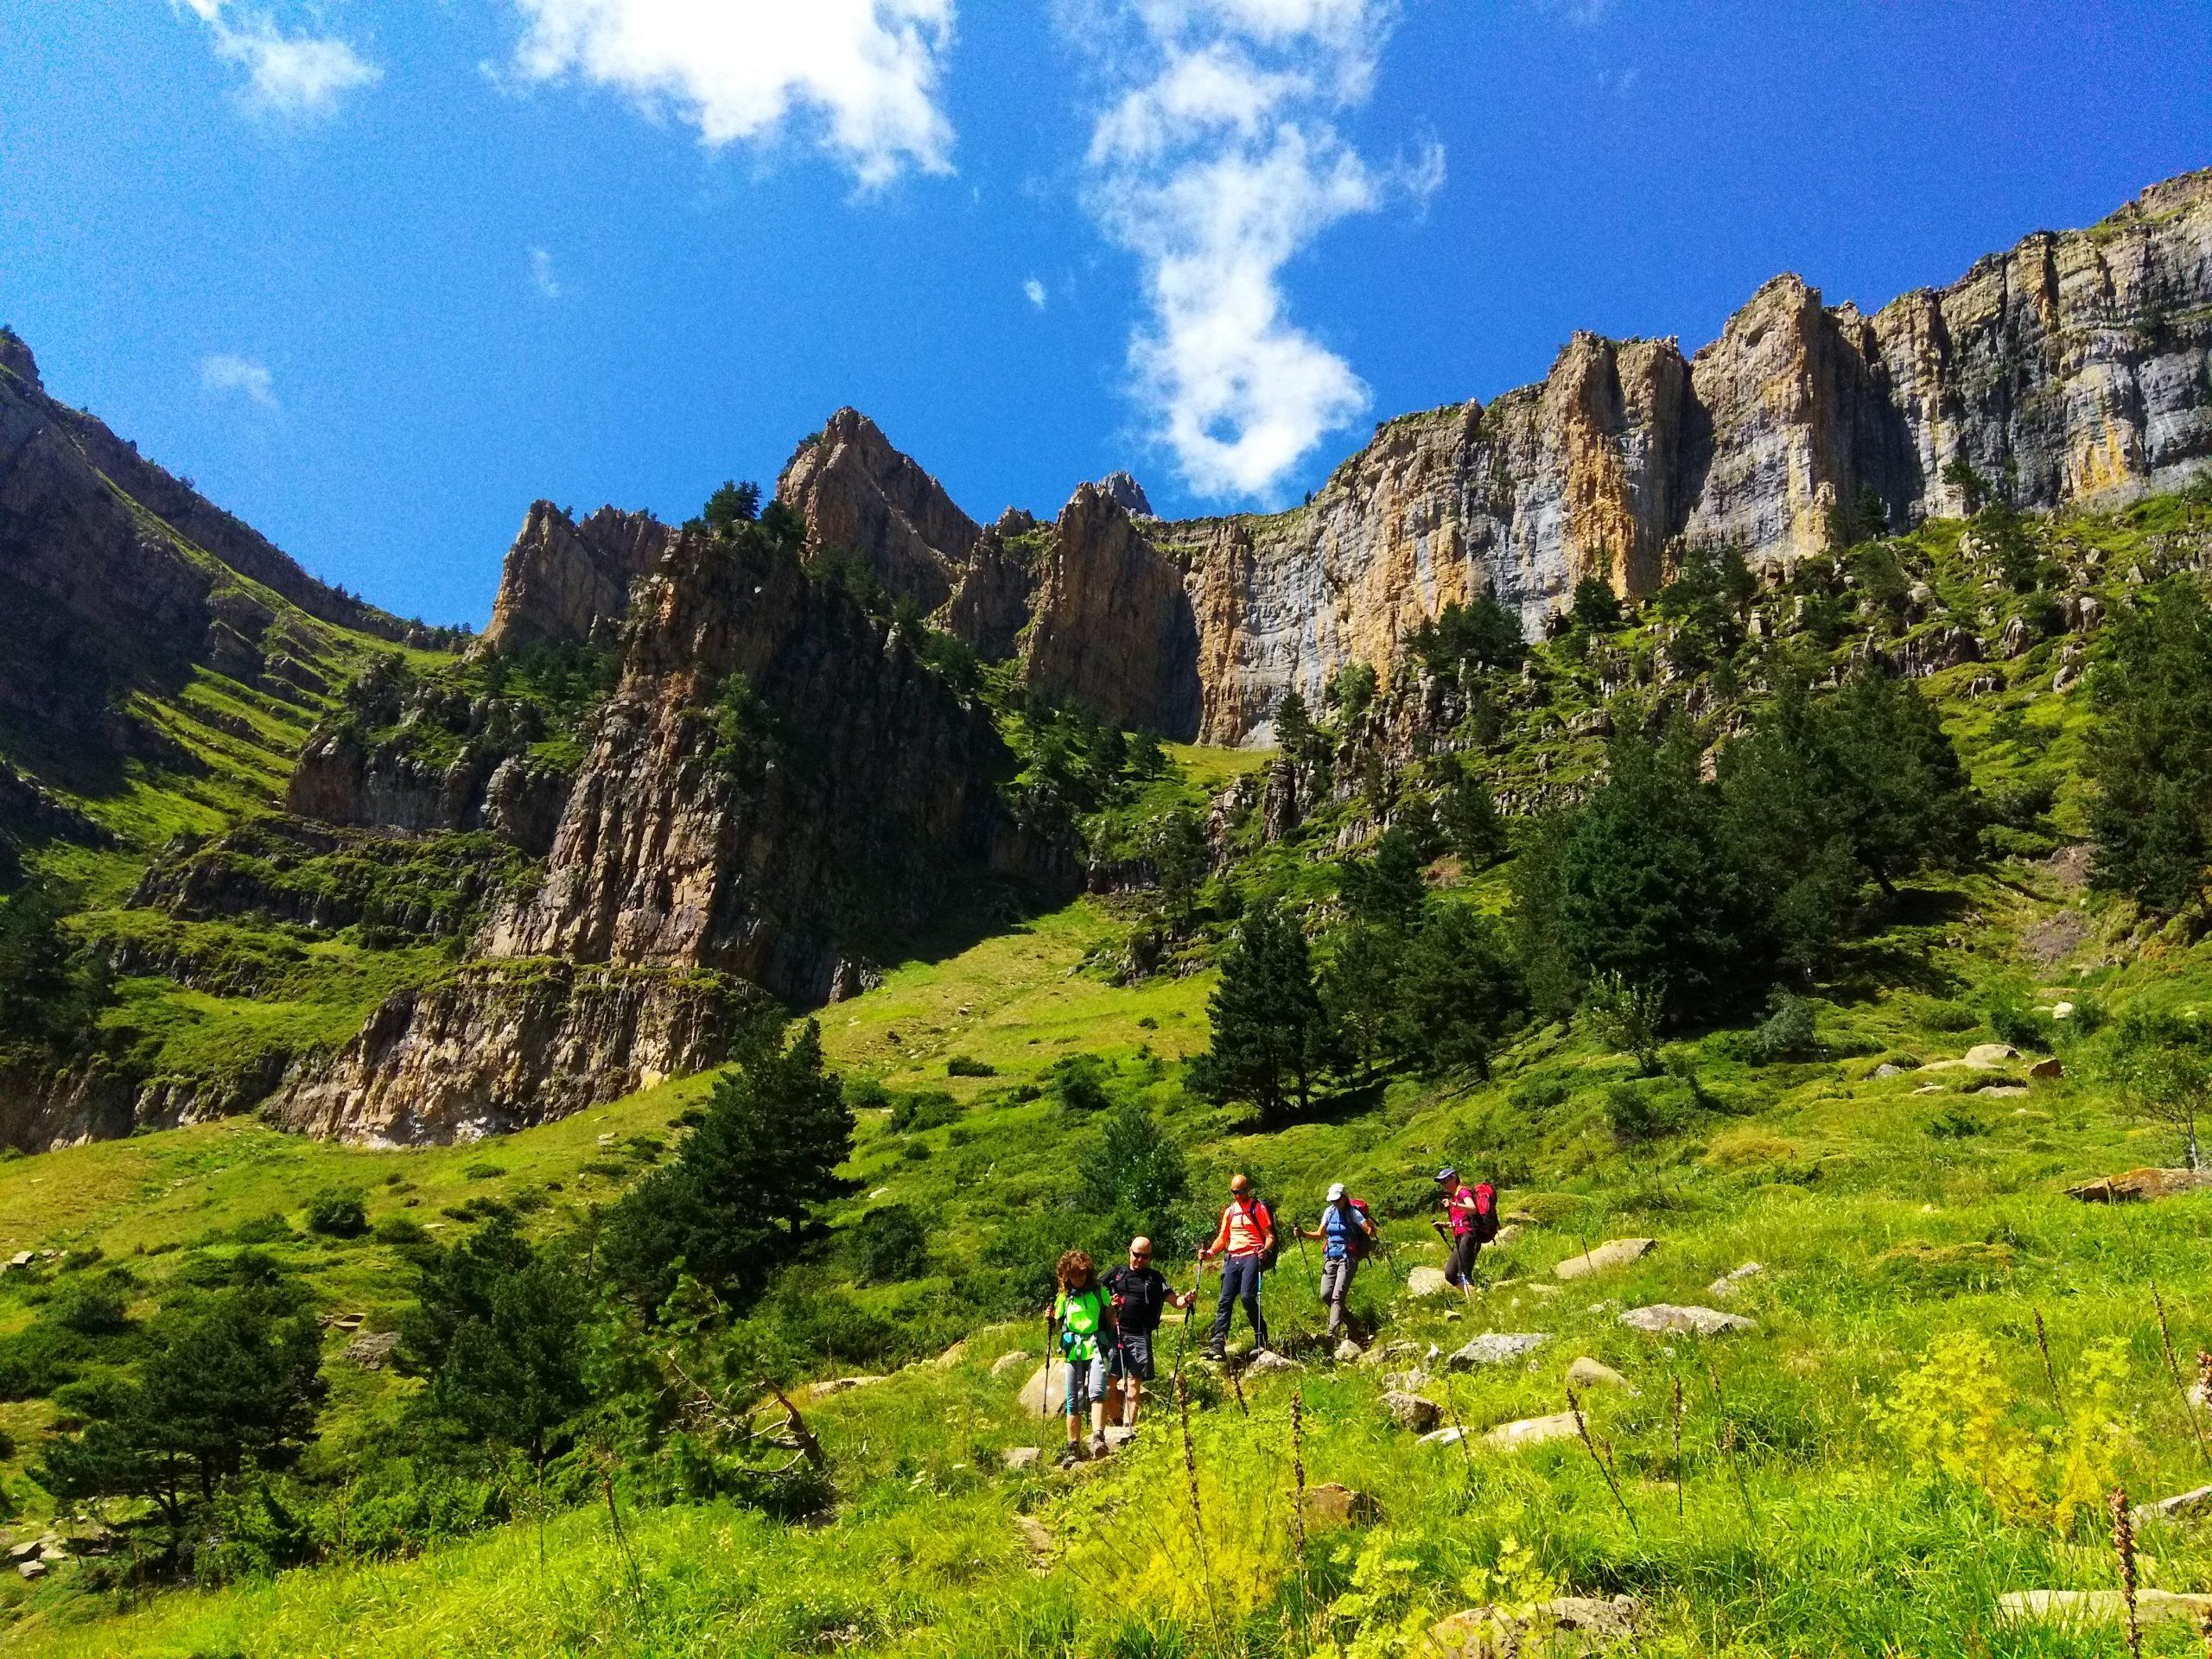 Parque Nacional de Ordesa y Monte Perdido. Bosque de Hayas y Faja de las Flores